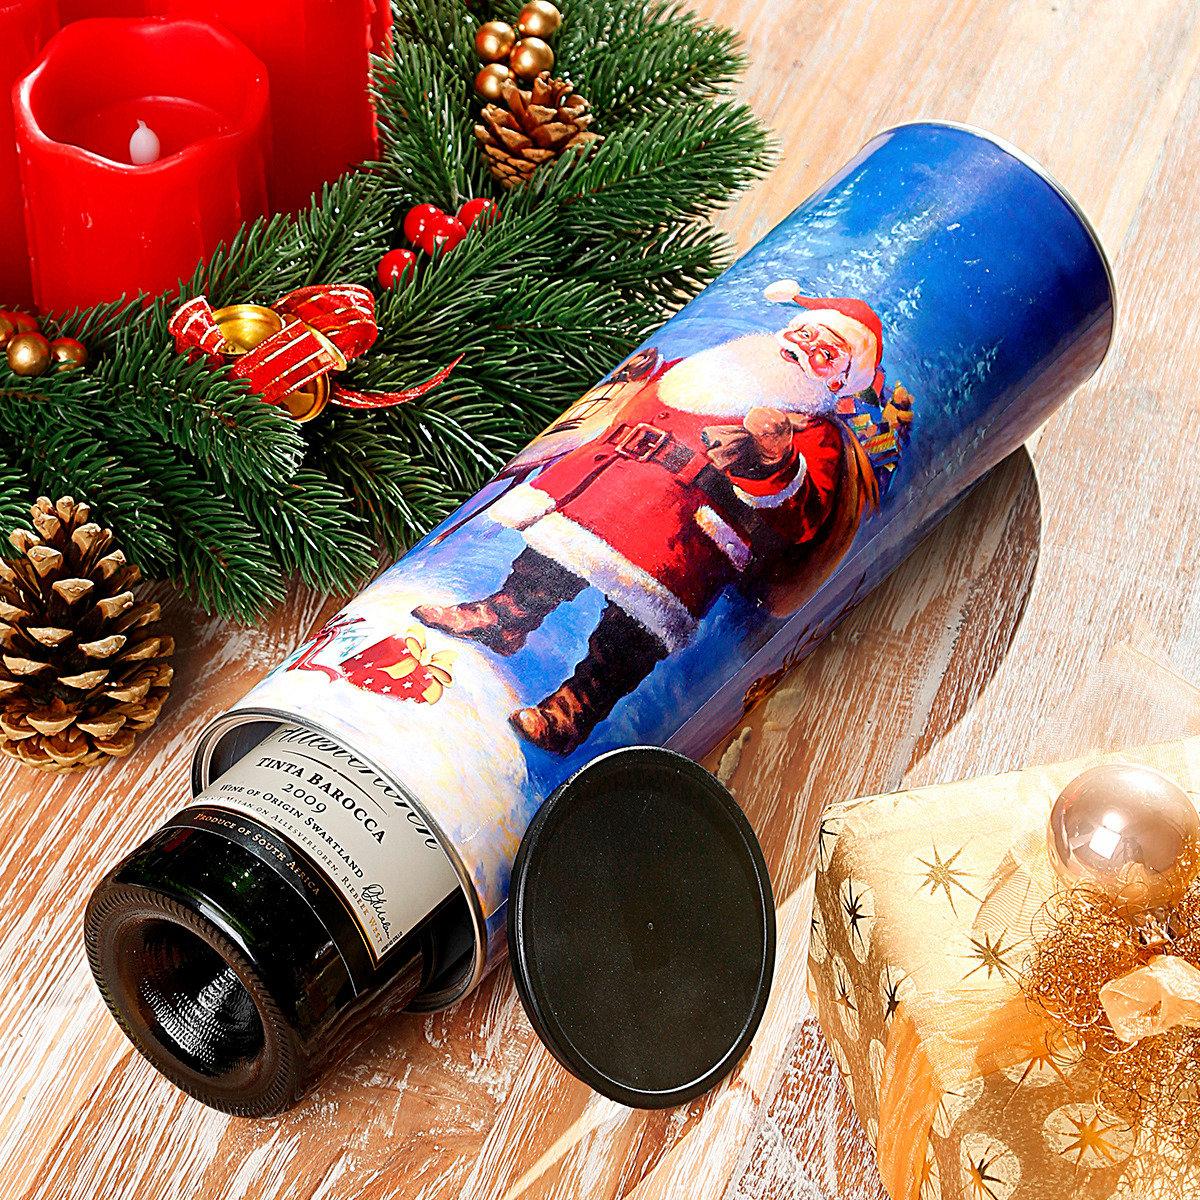 Wein-Geschenkverpackung Ruck-Zuck